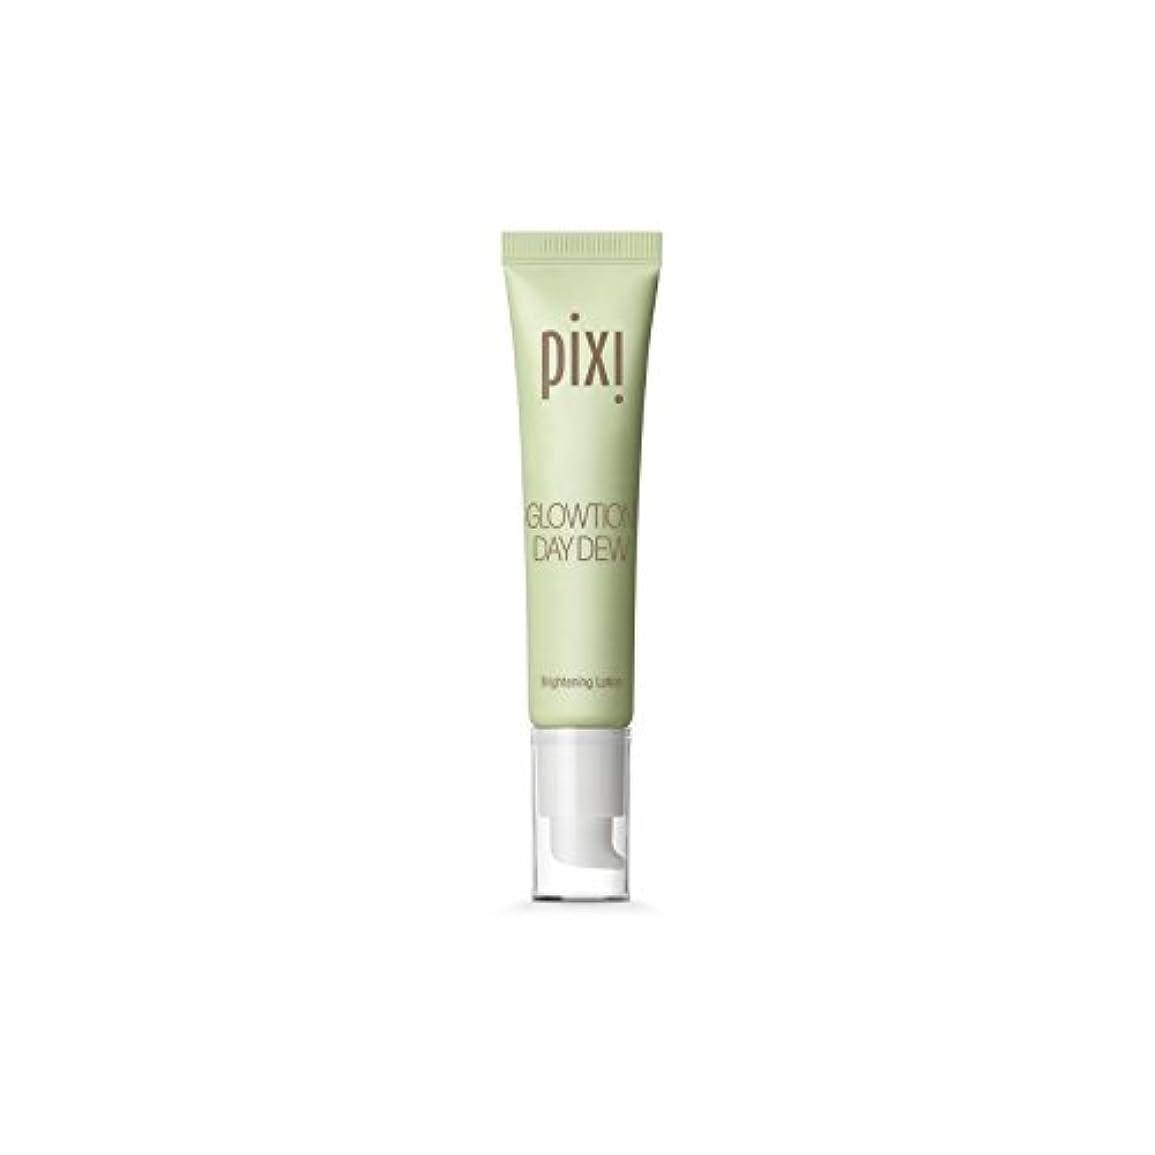 純粋にコメンテーター食堂日露 x4 - Pixi Pixi Glowtion Day Dew (Pack of 4) [並行輸入品]